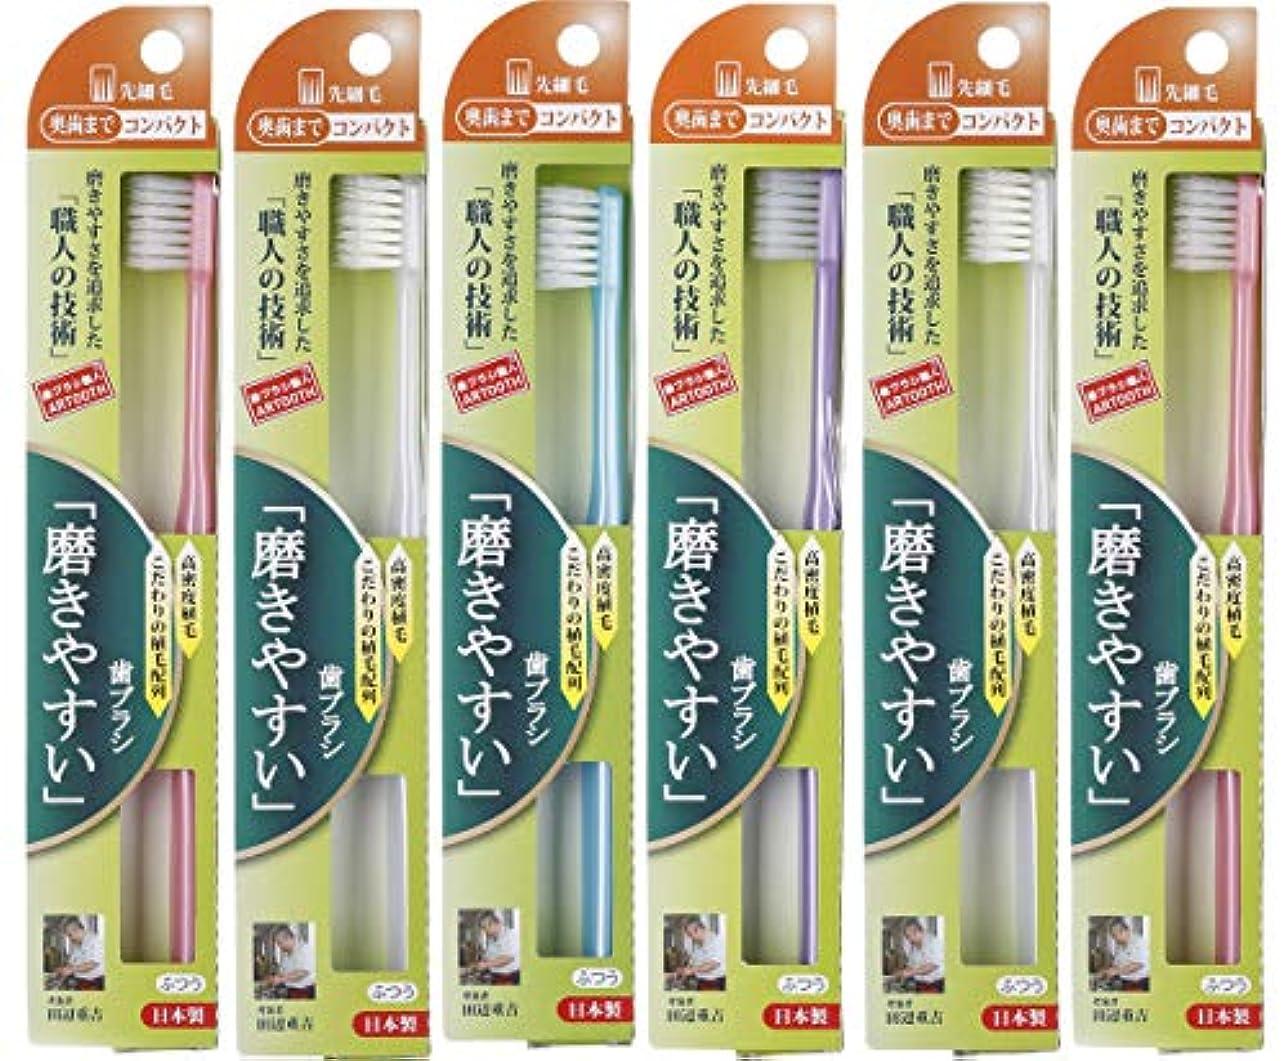 歯ブラシ職人 Artooth® 田辺重吉 日本製 磨きやすい歯ブラシ 奥歯まで先細毛SLT-12 (6本入)